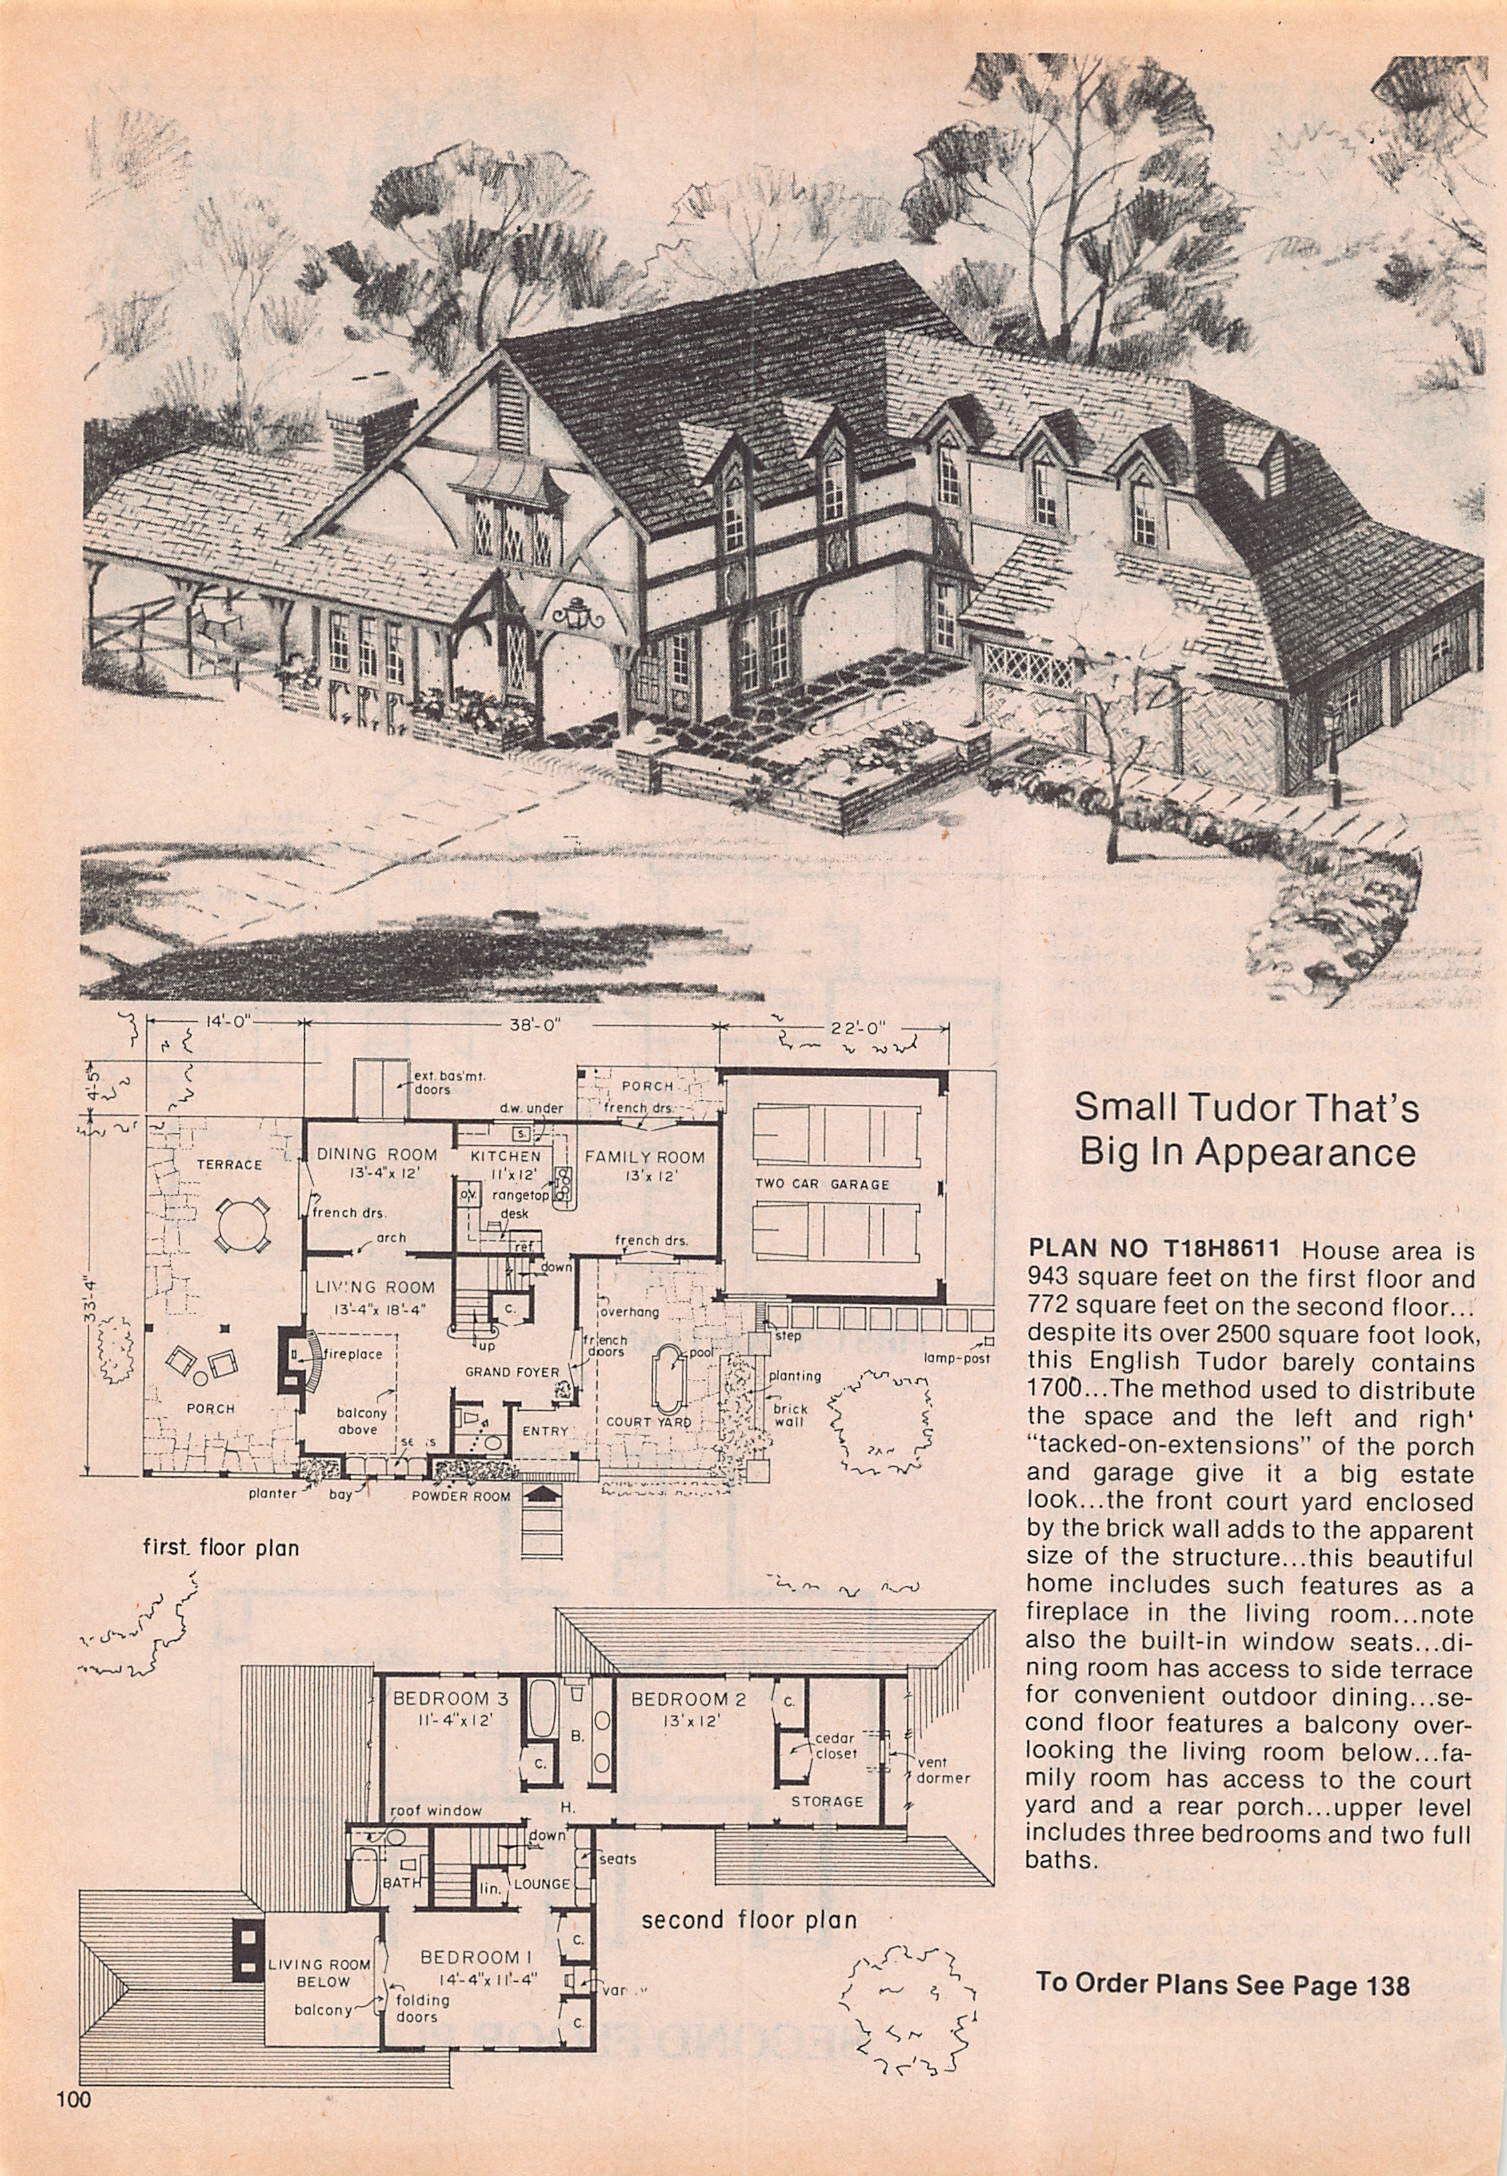 Photo Feb 17 12 44 24 Pm 2 Vintage House Plans House Blueprints Floor Plans